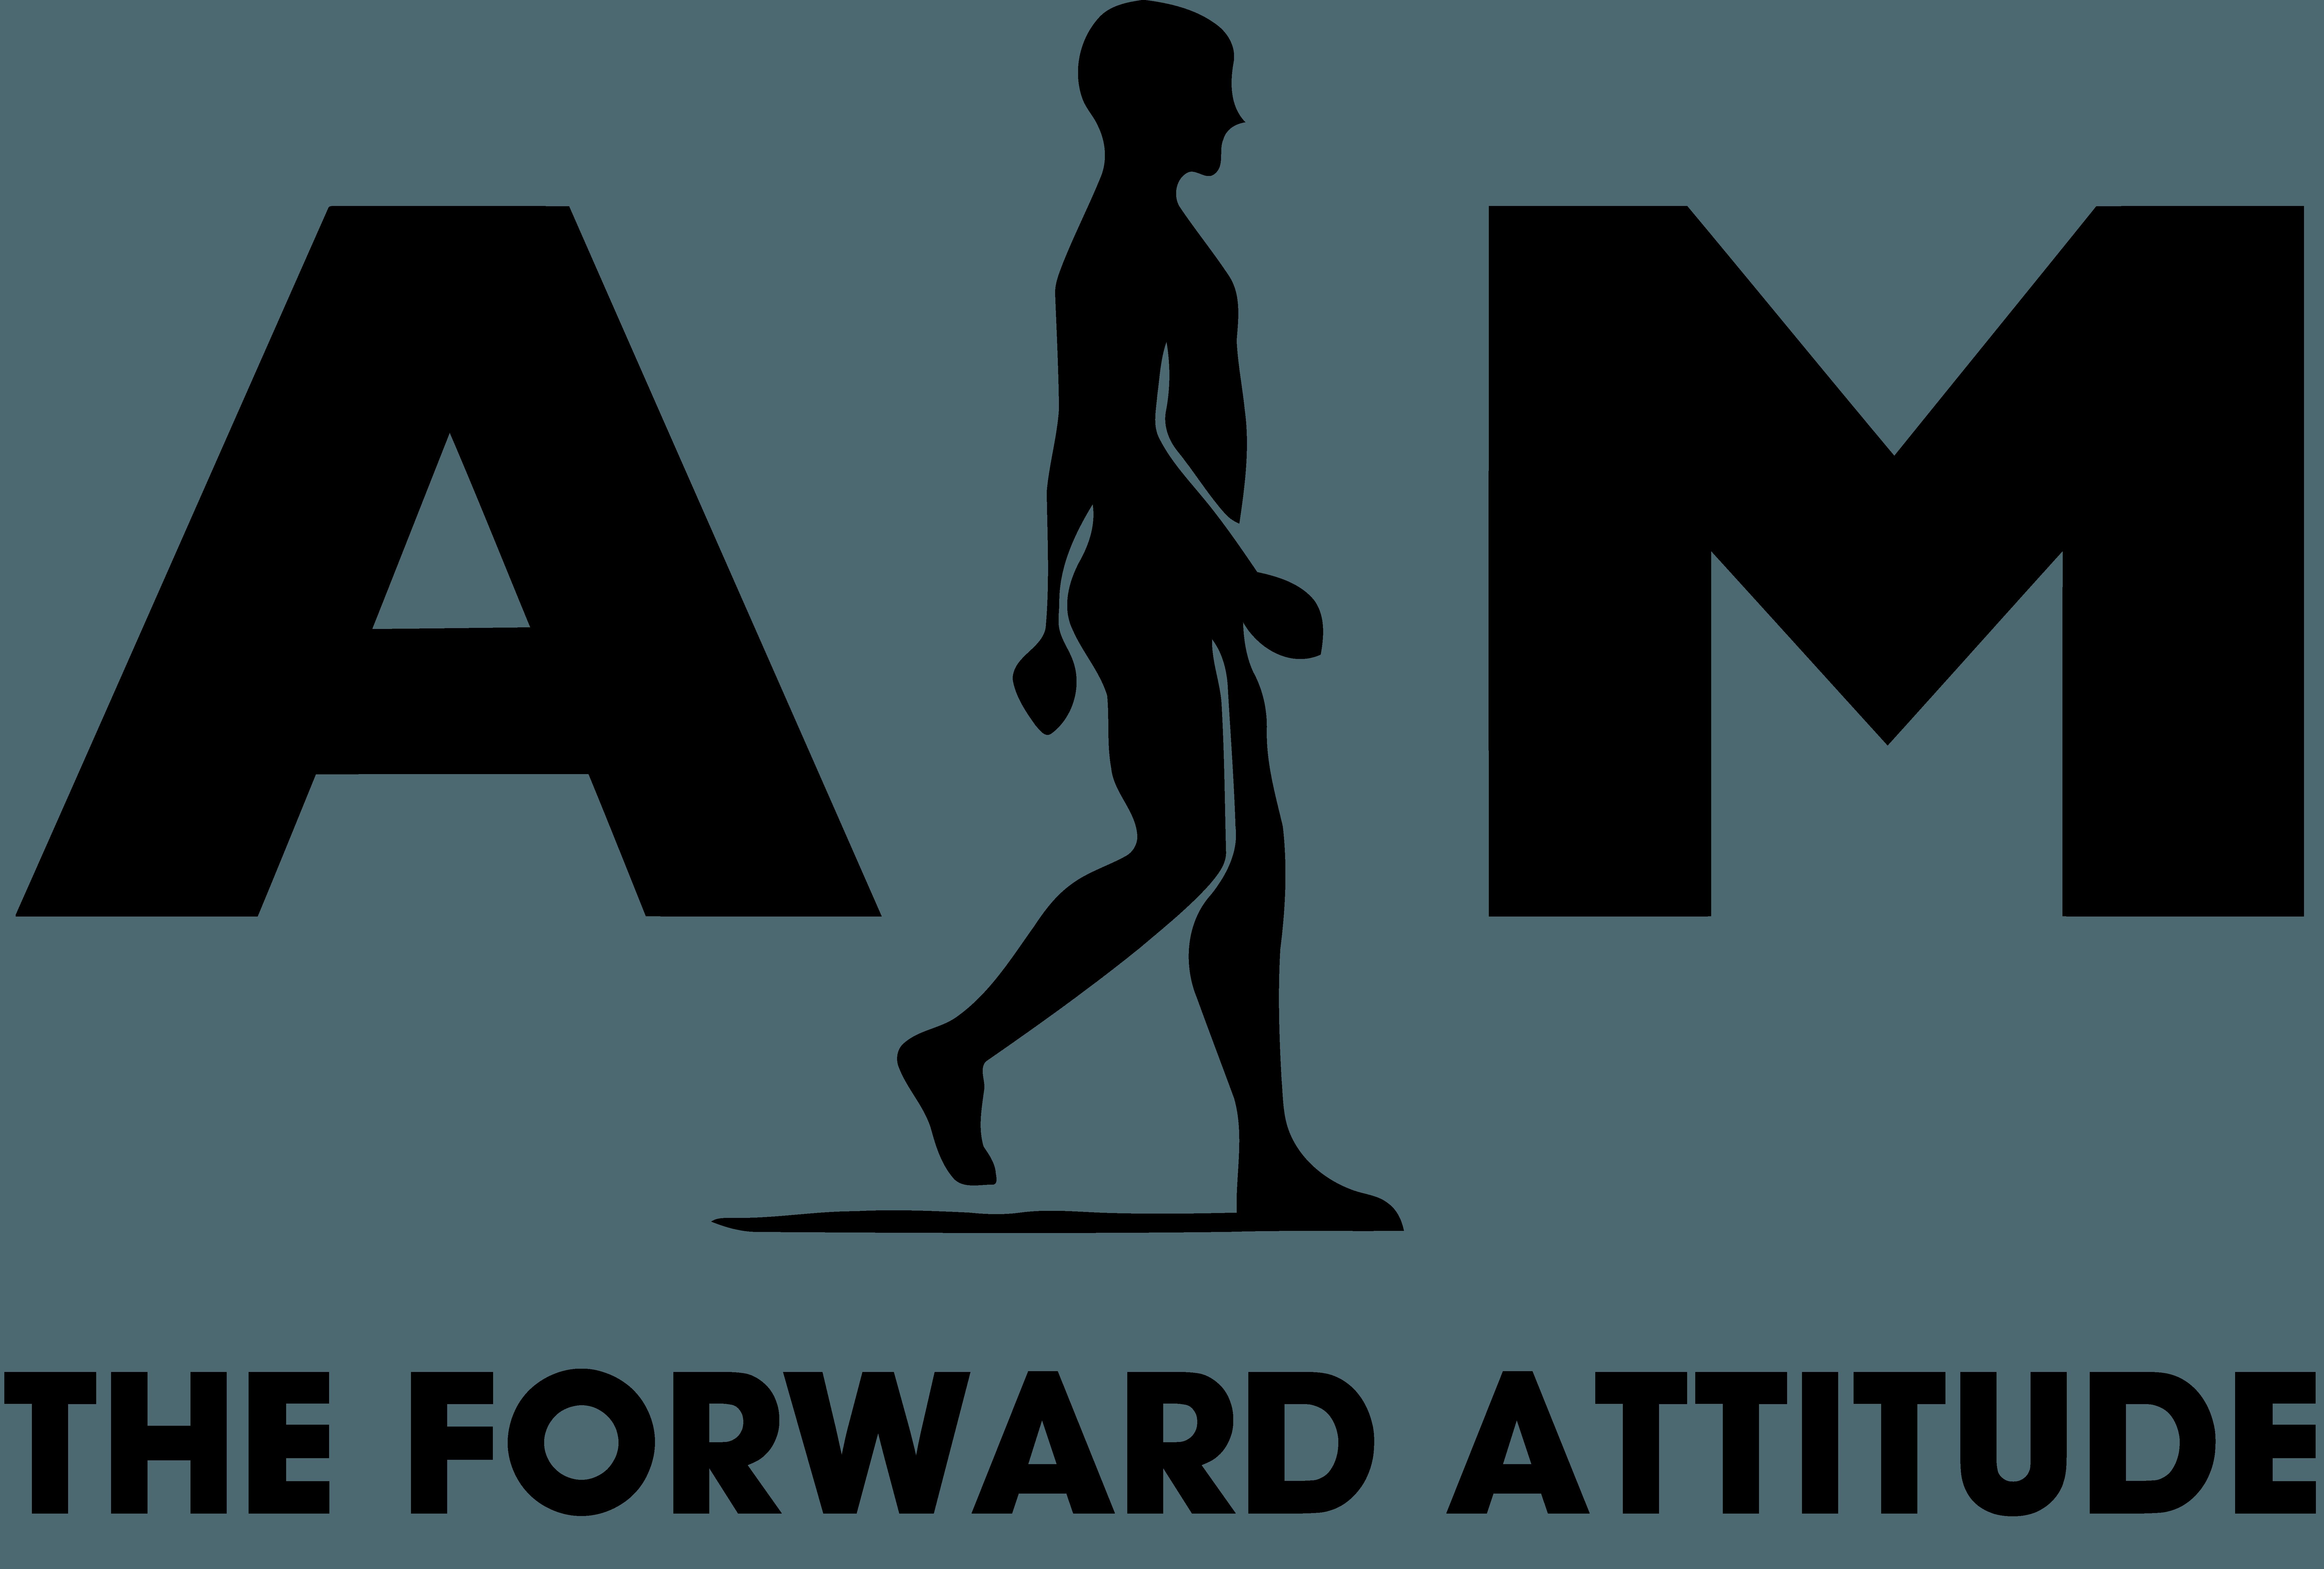 Positivity And Honesty Aim Attitude The Beacon That Illuminates